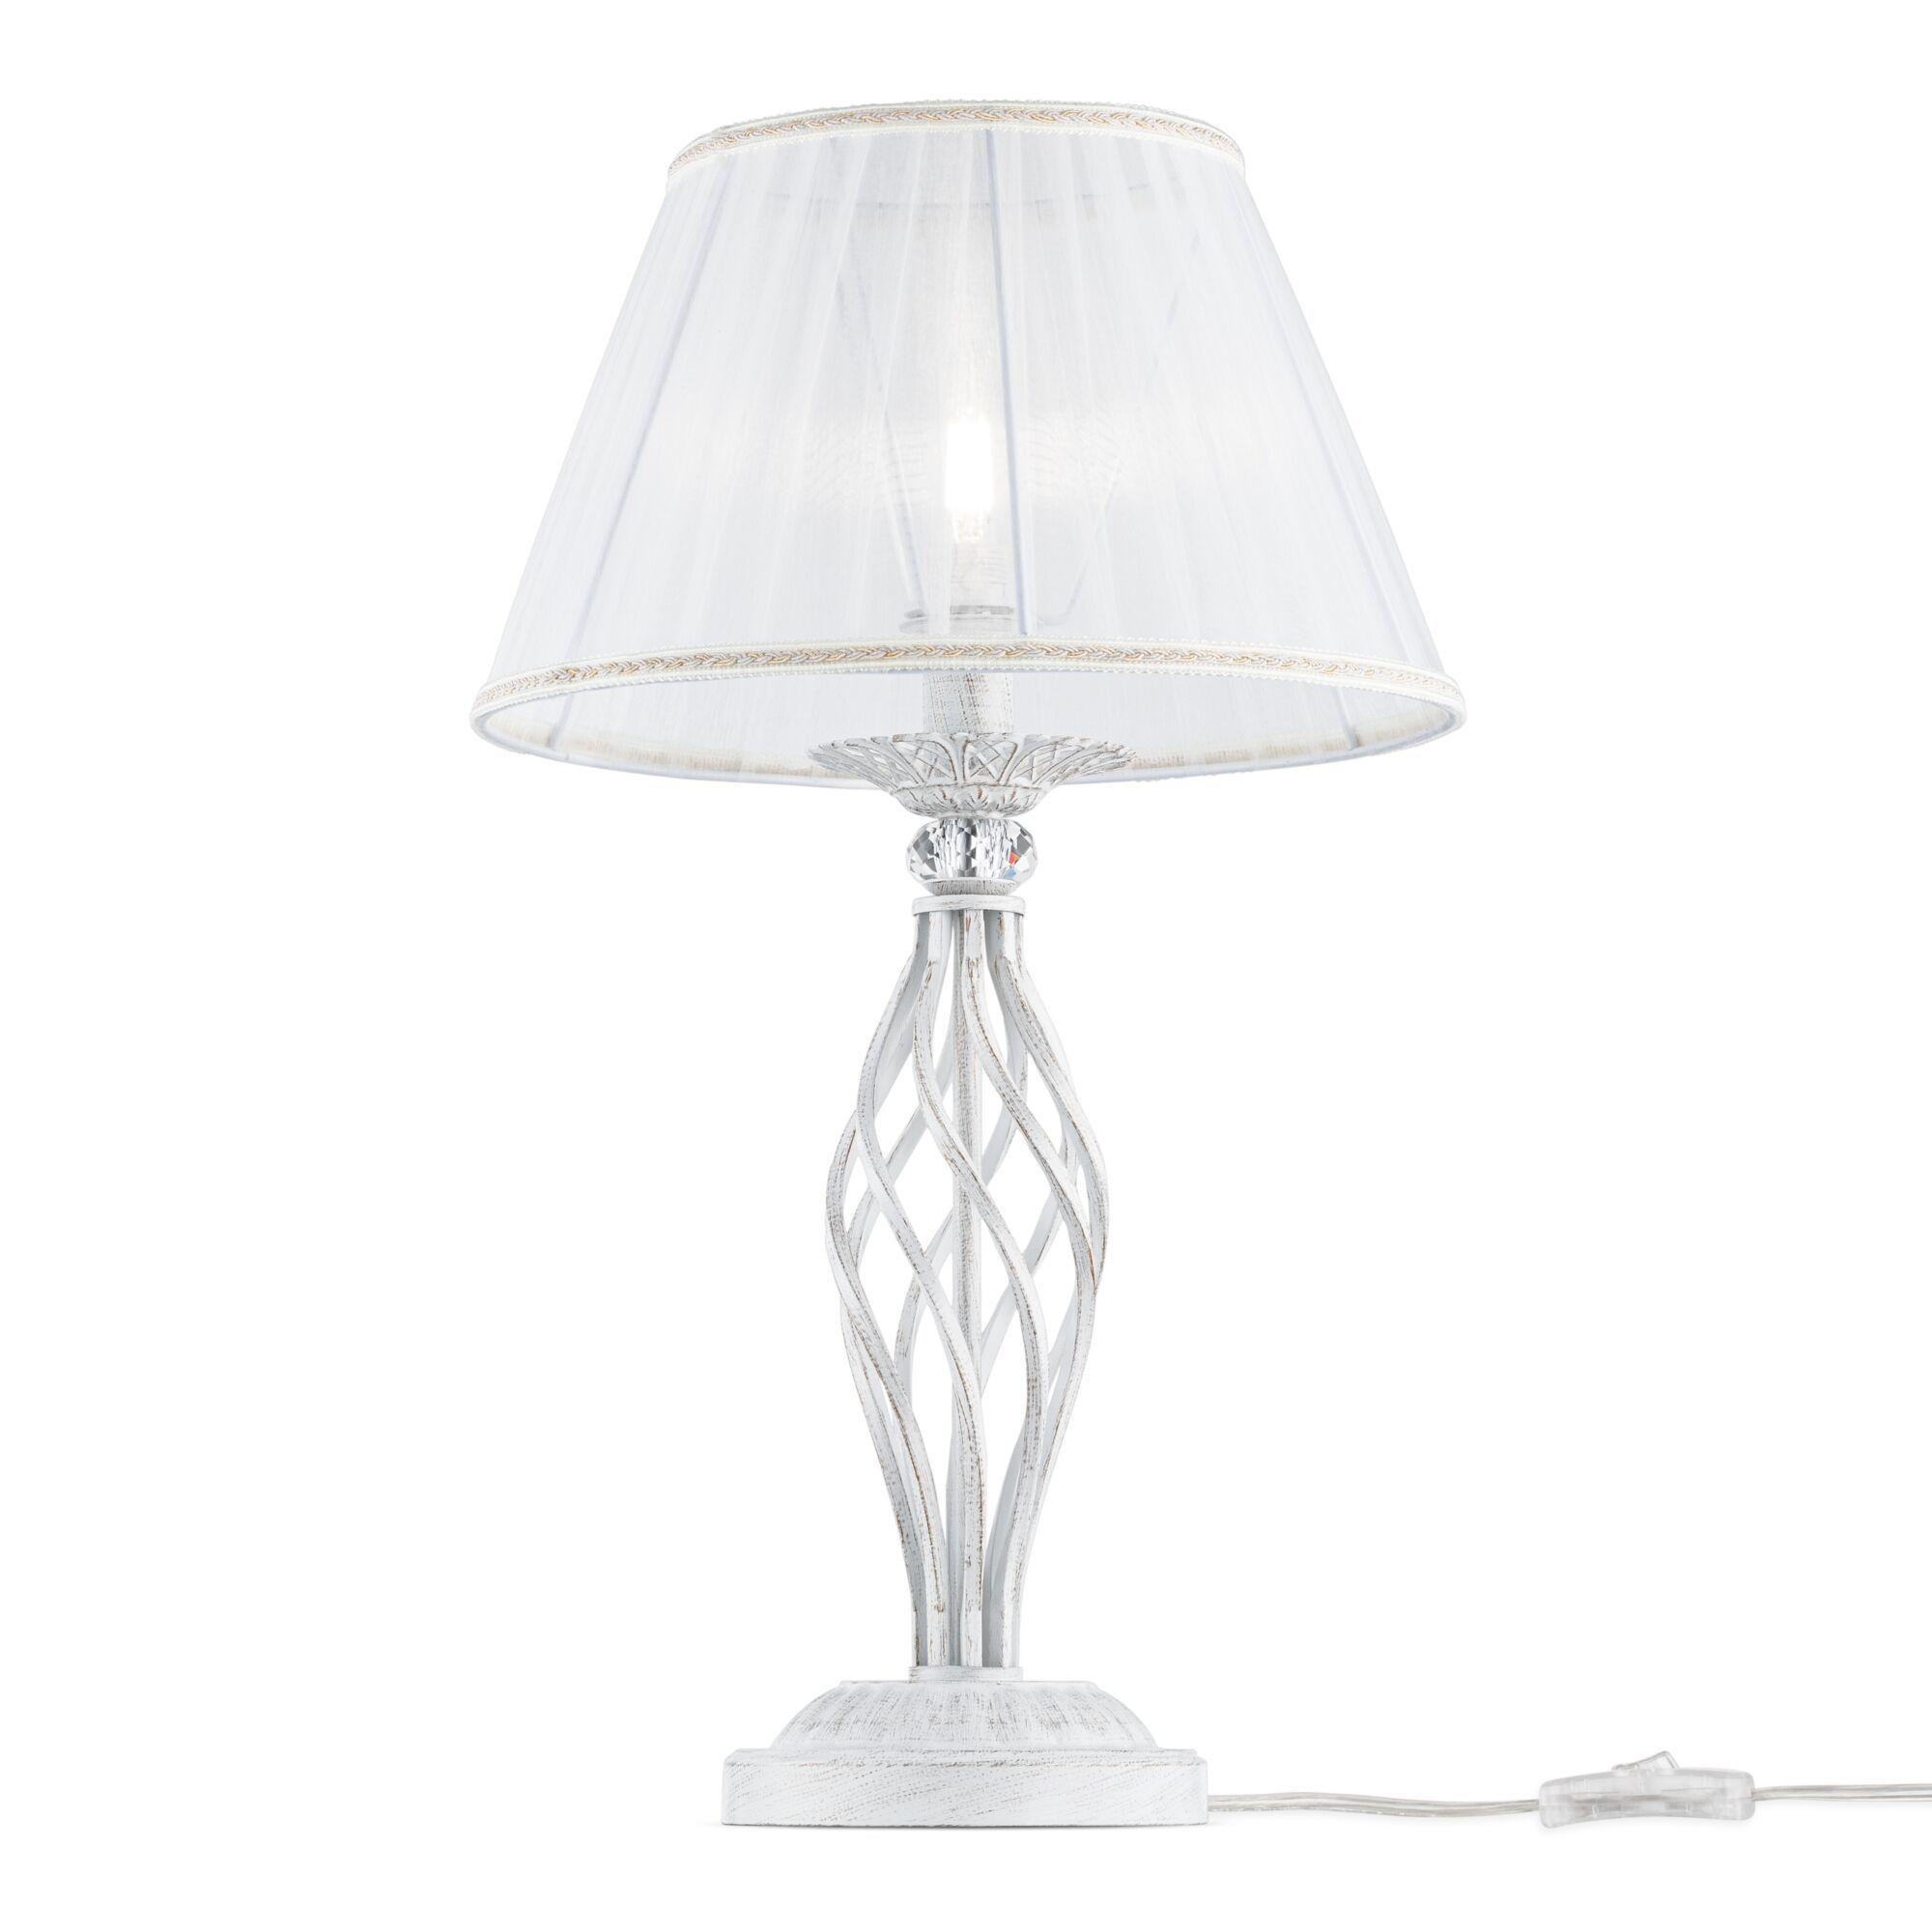 Настольная лампа Maytoni Grace ARM247-00-G, 1xE14x40W, белый с золотой патиной, белый, металл, текстиль - фото 1